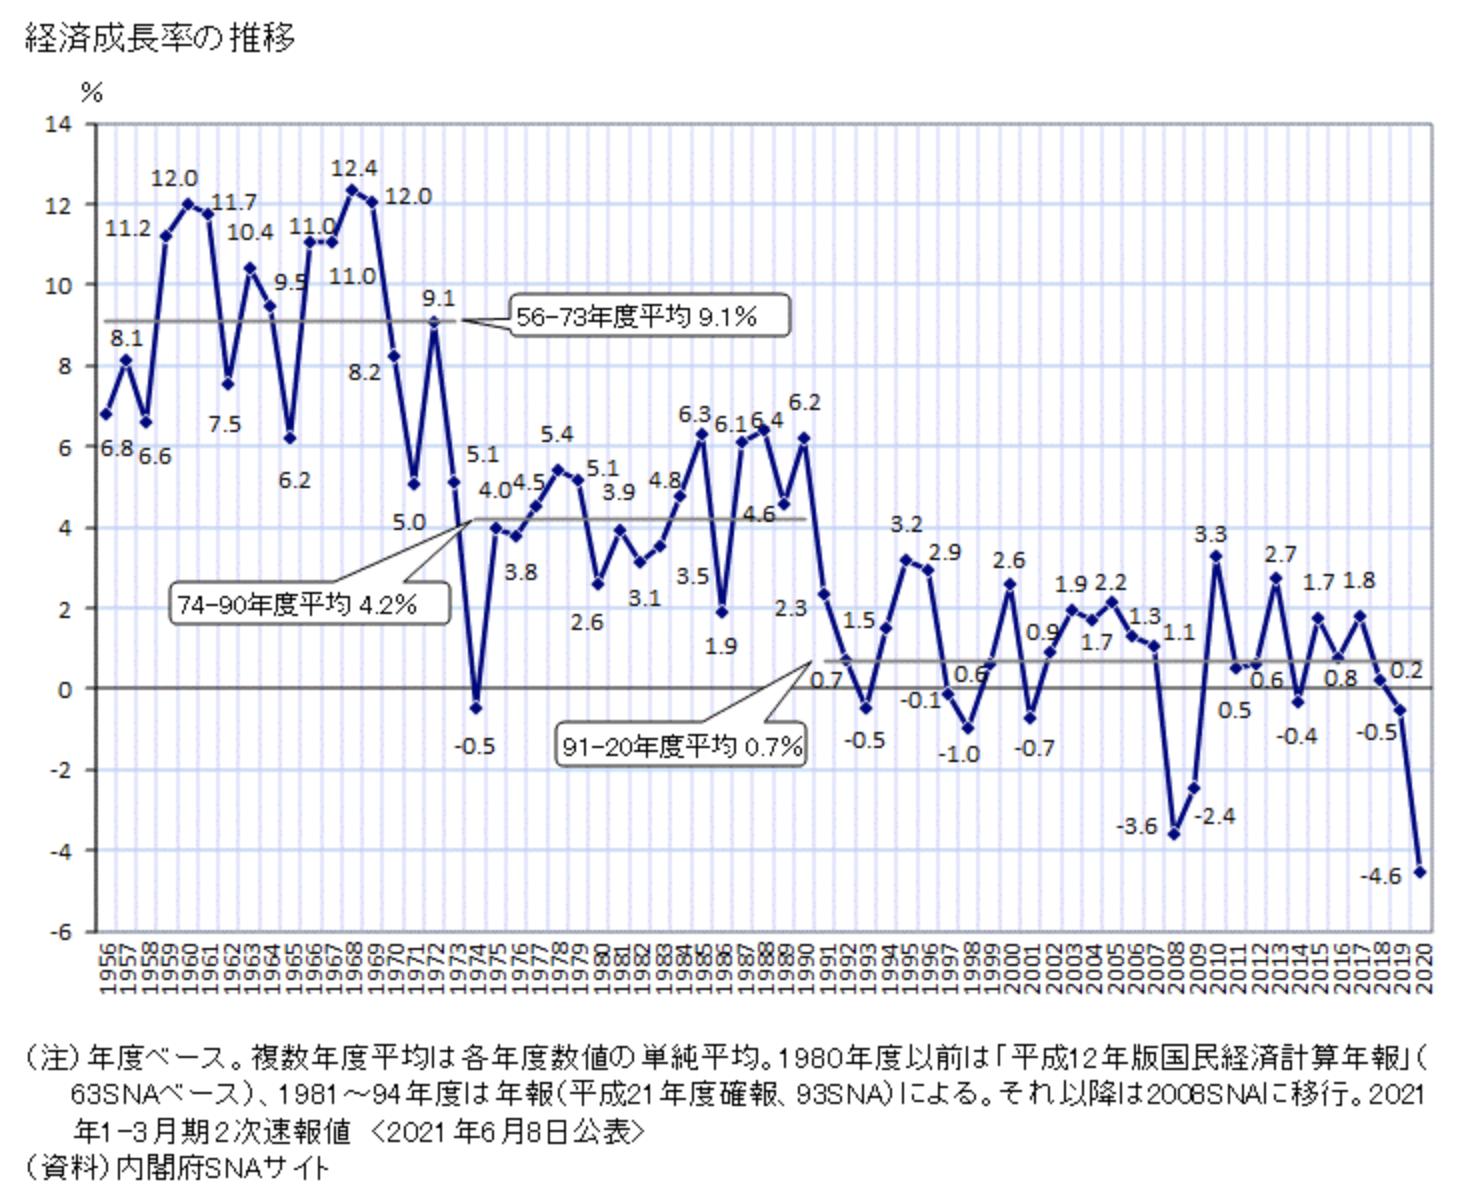 日本の1991年からの経済成長率の低下